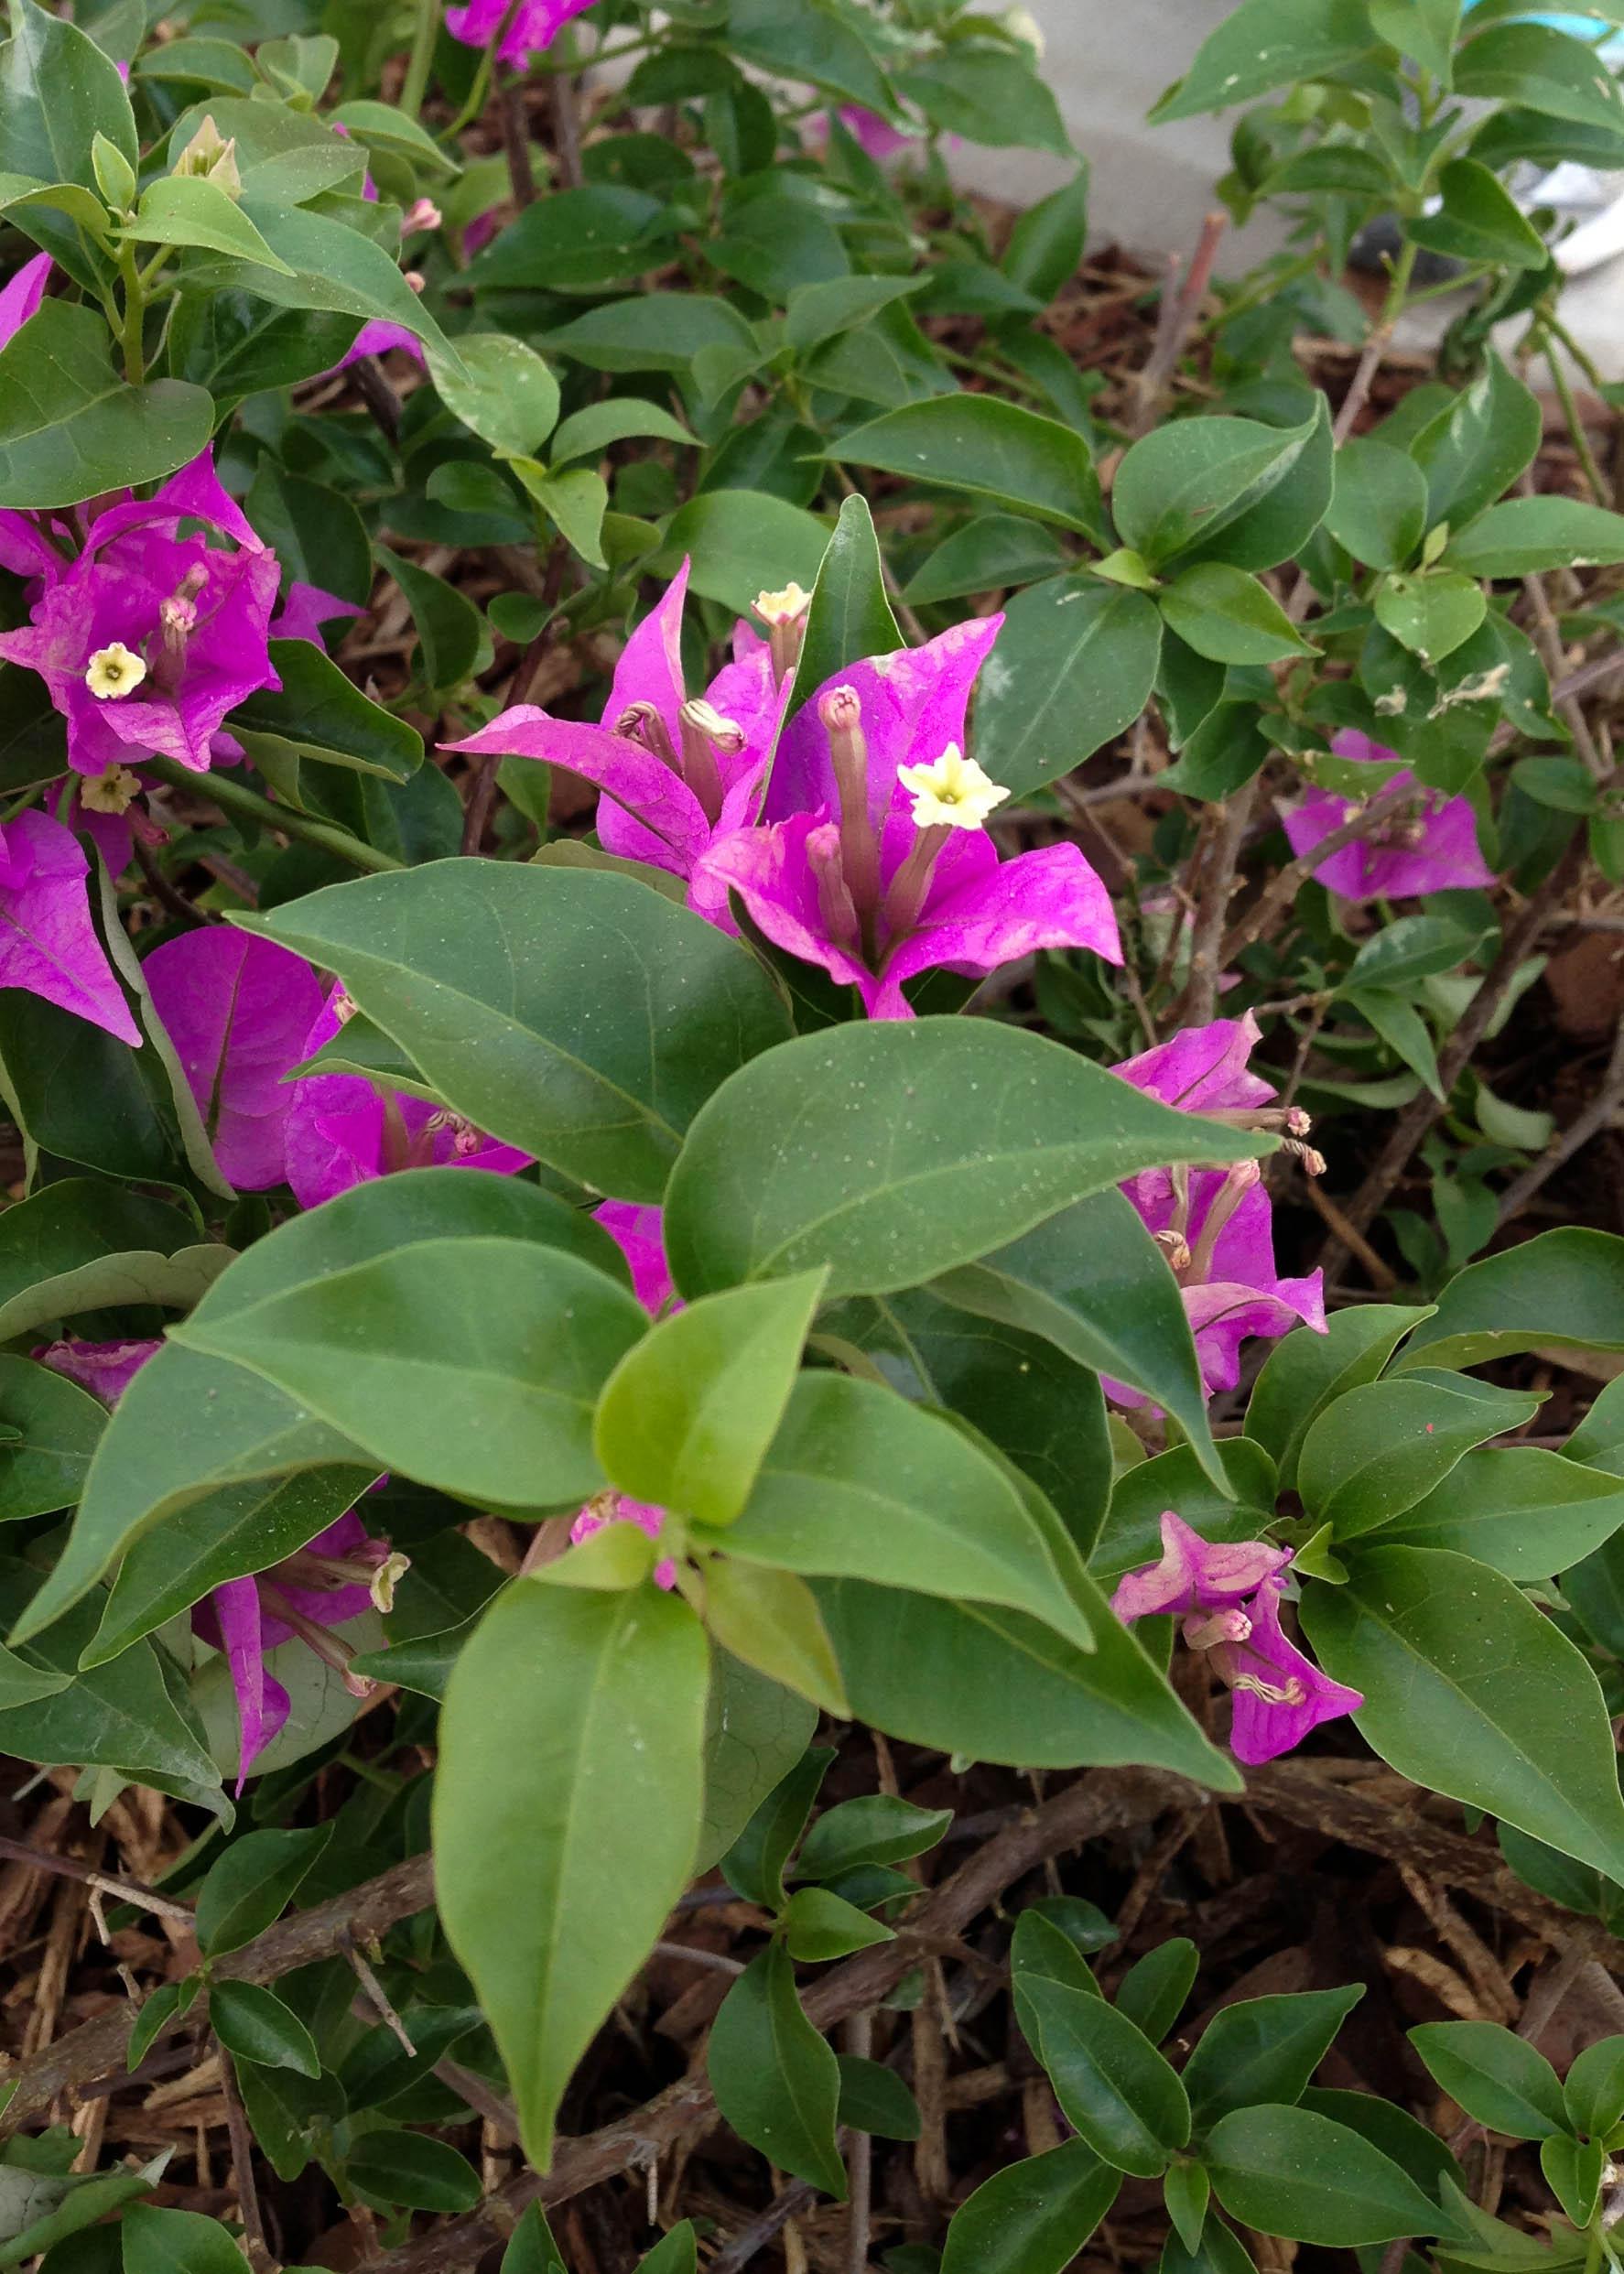 Bougainvillea, Ornament, Green, Leaf, Lilac, HQ Photo